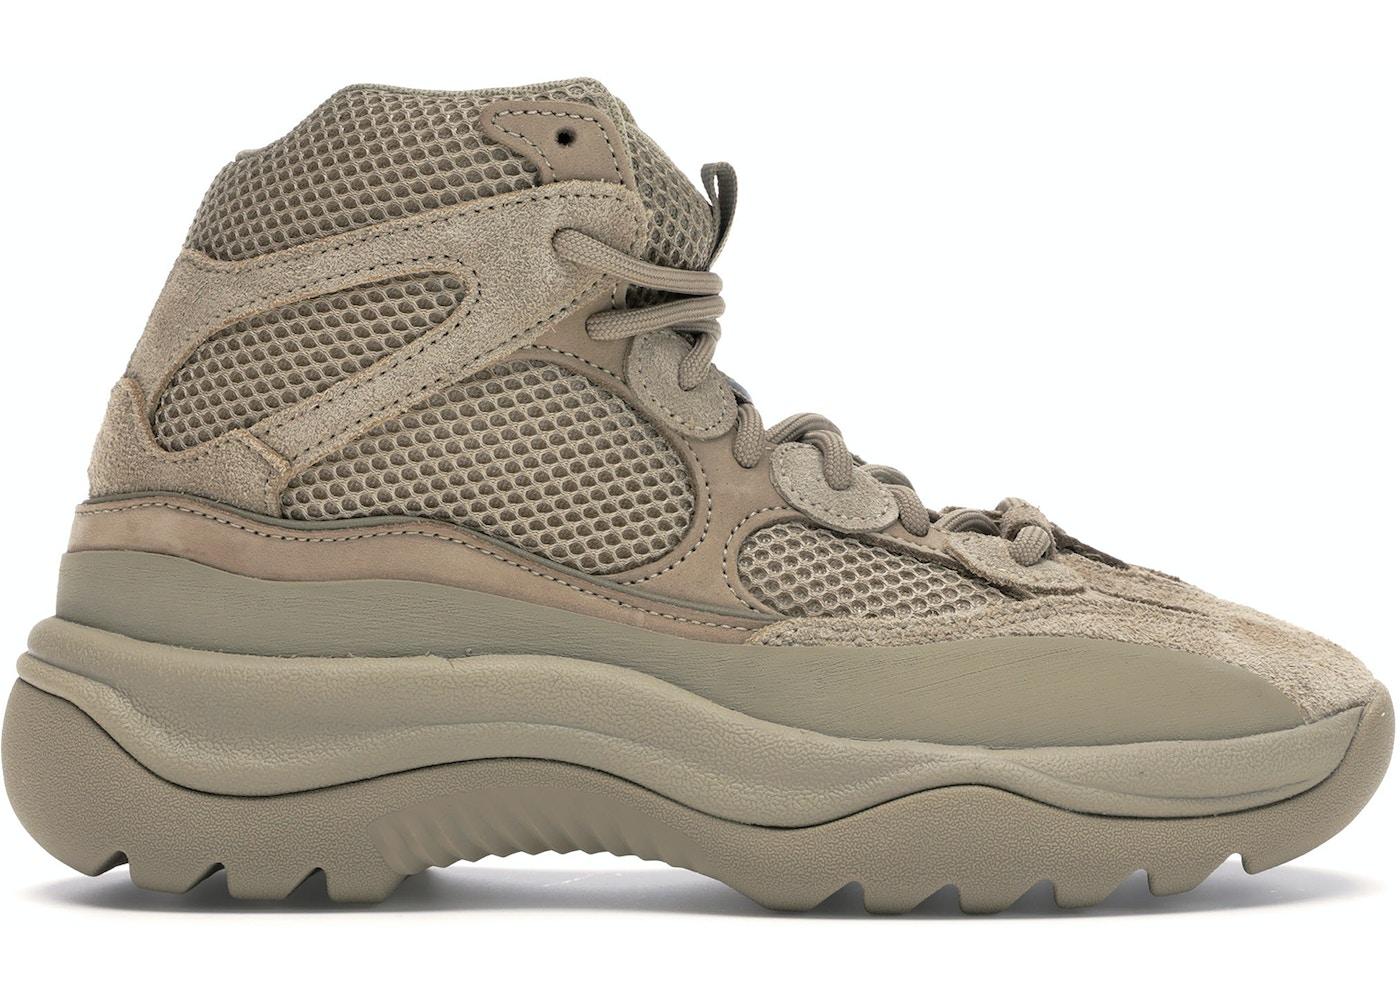 online store 73576 ad536 adidas Yeezy Desert Boot Rock